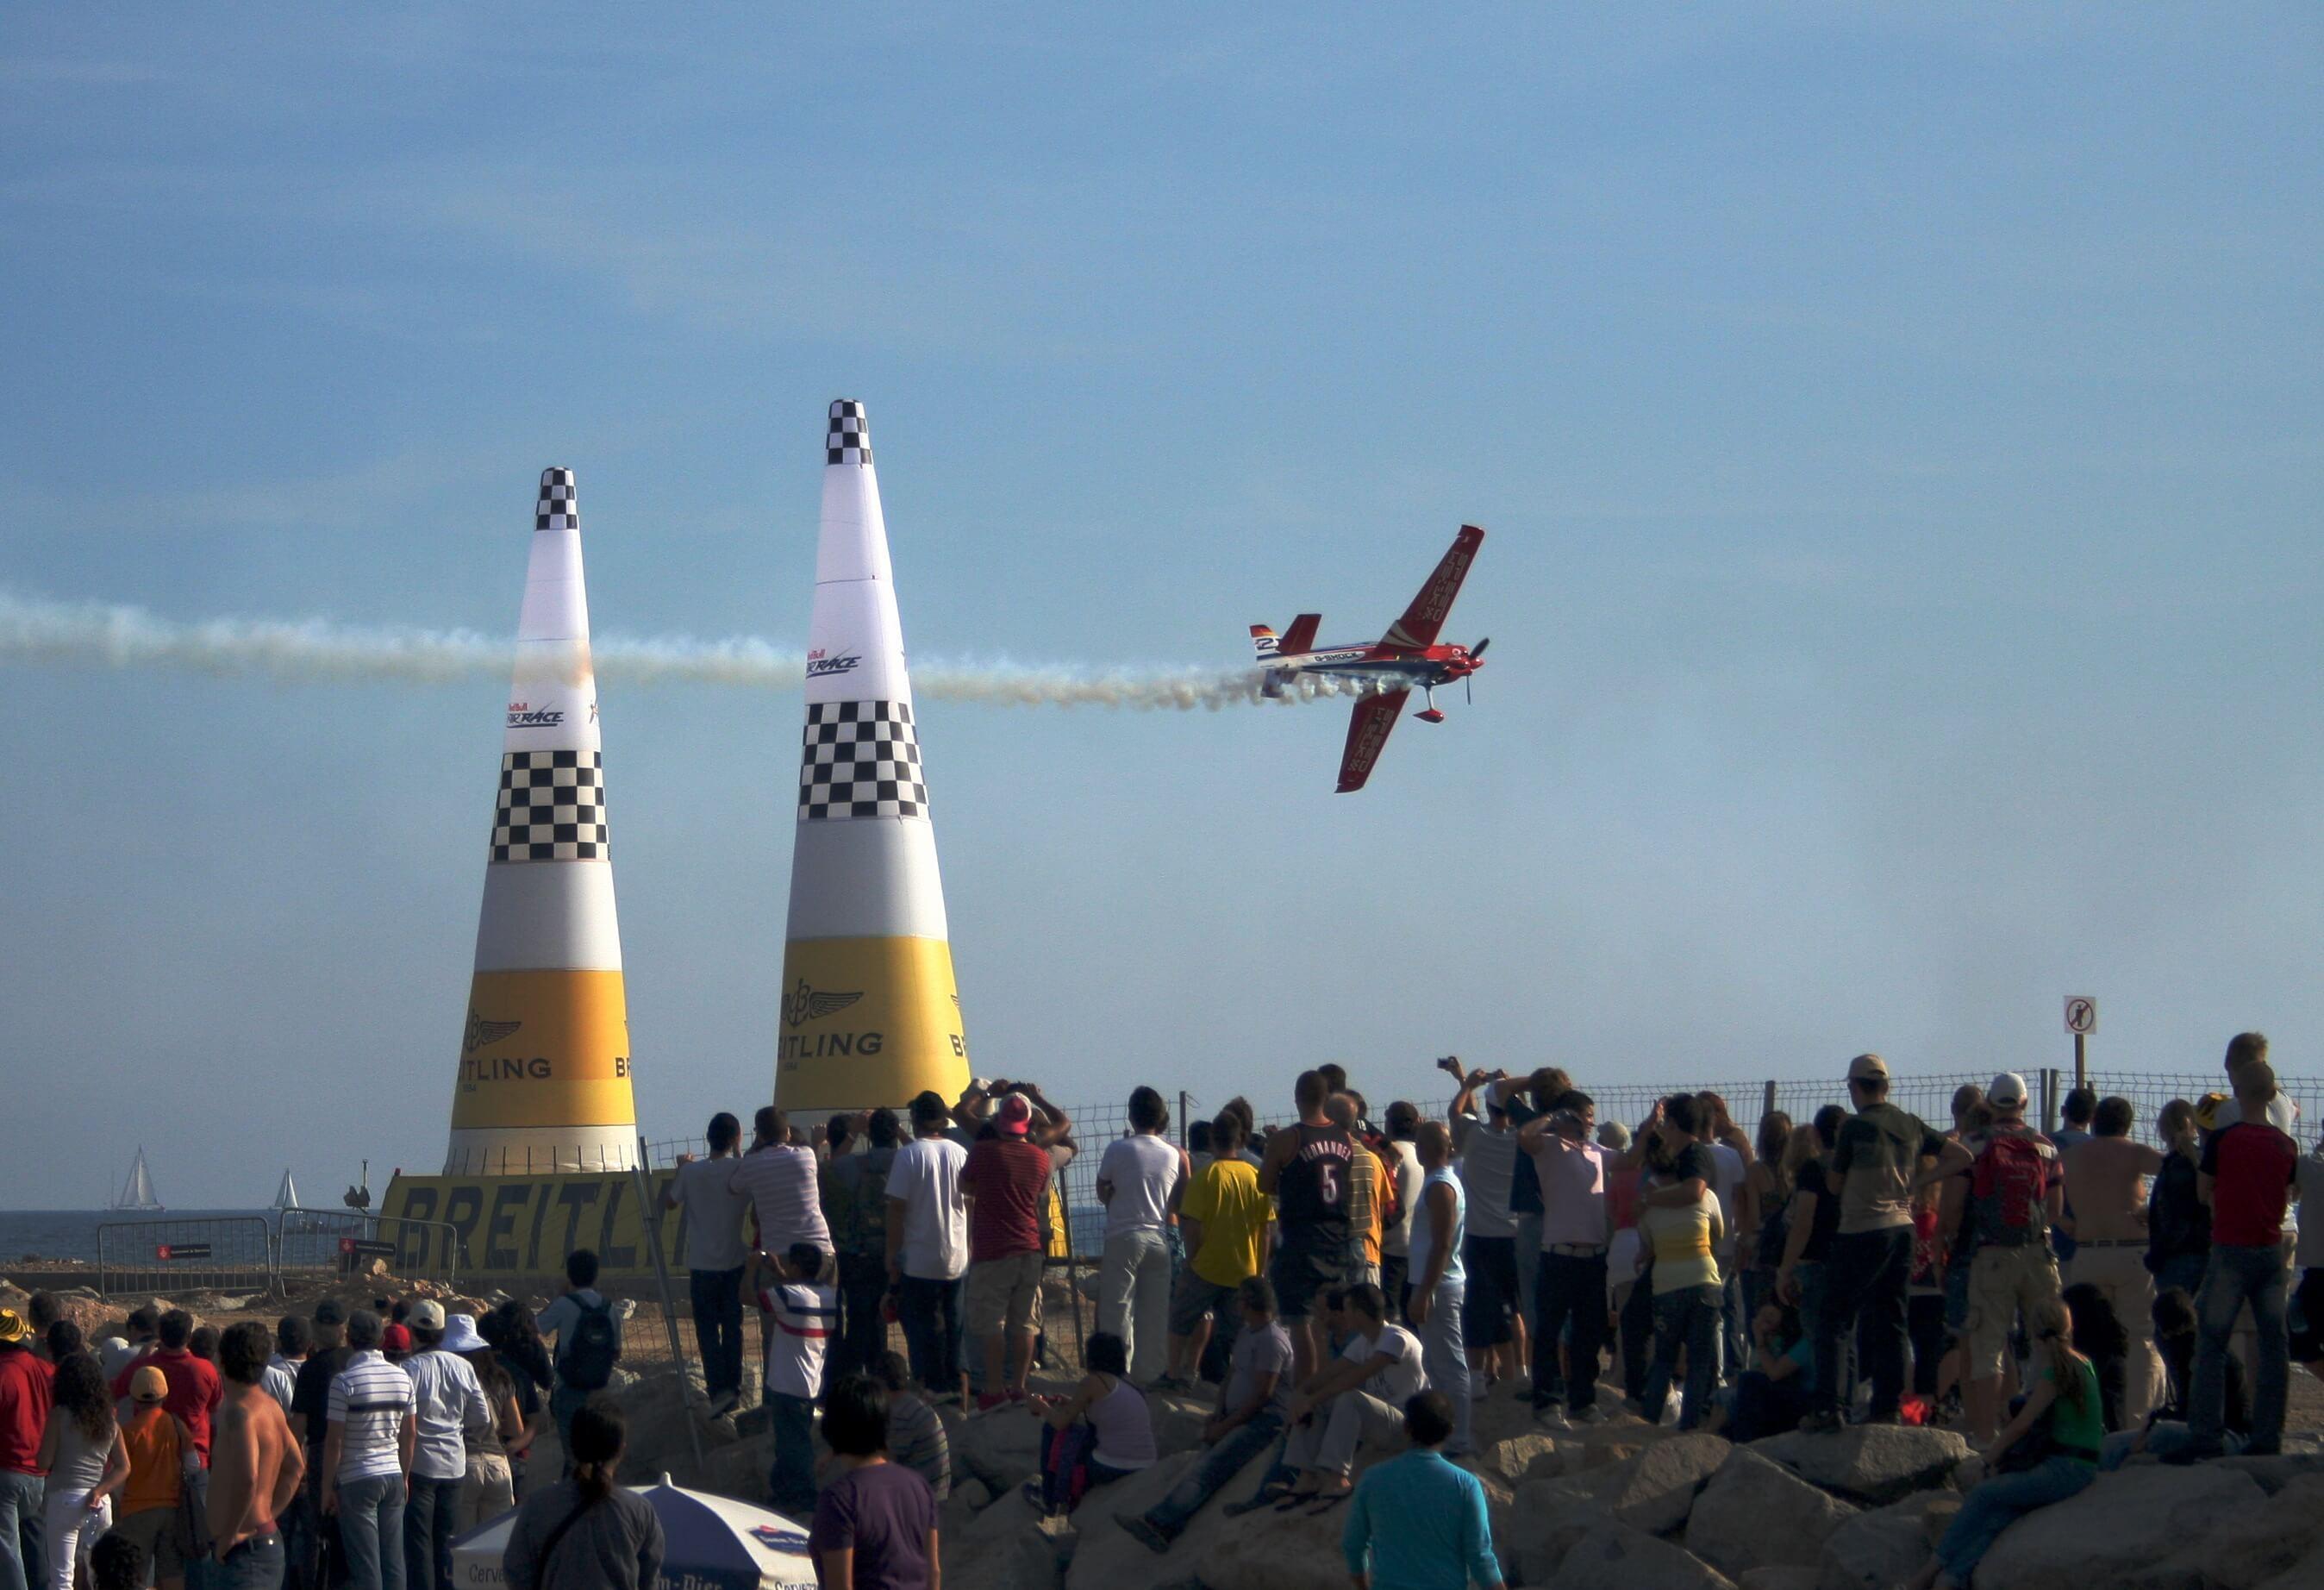 飛行するRed Bull Air Raceプロペラ機